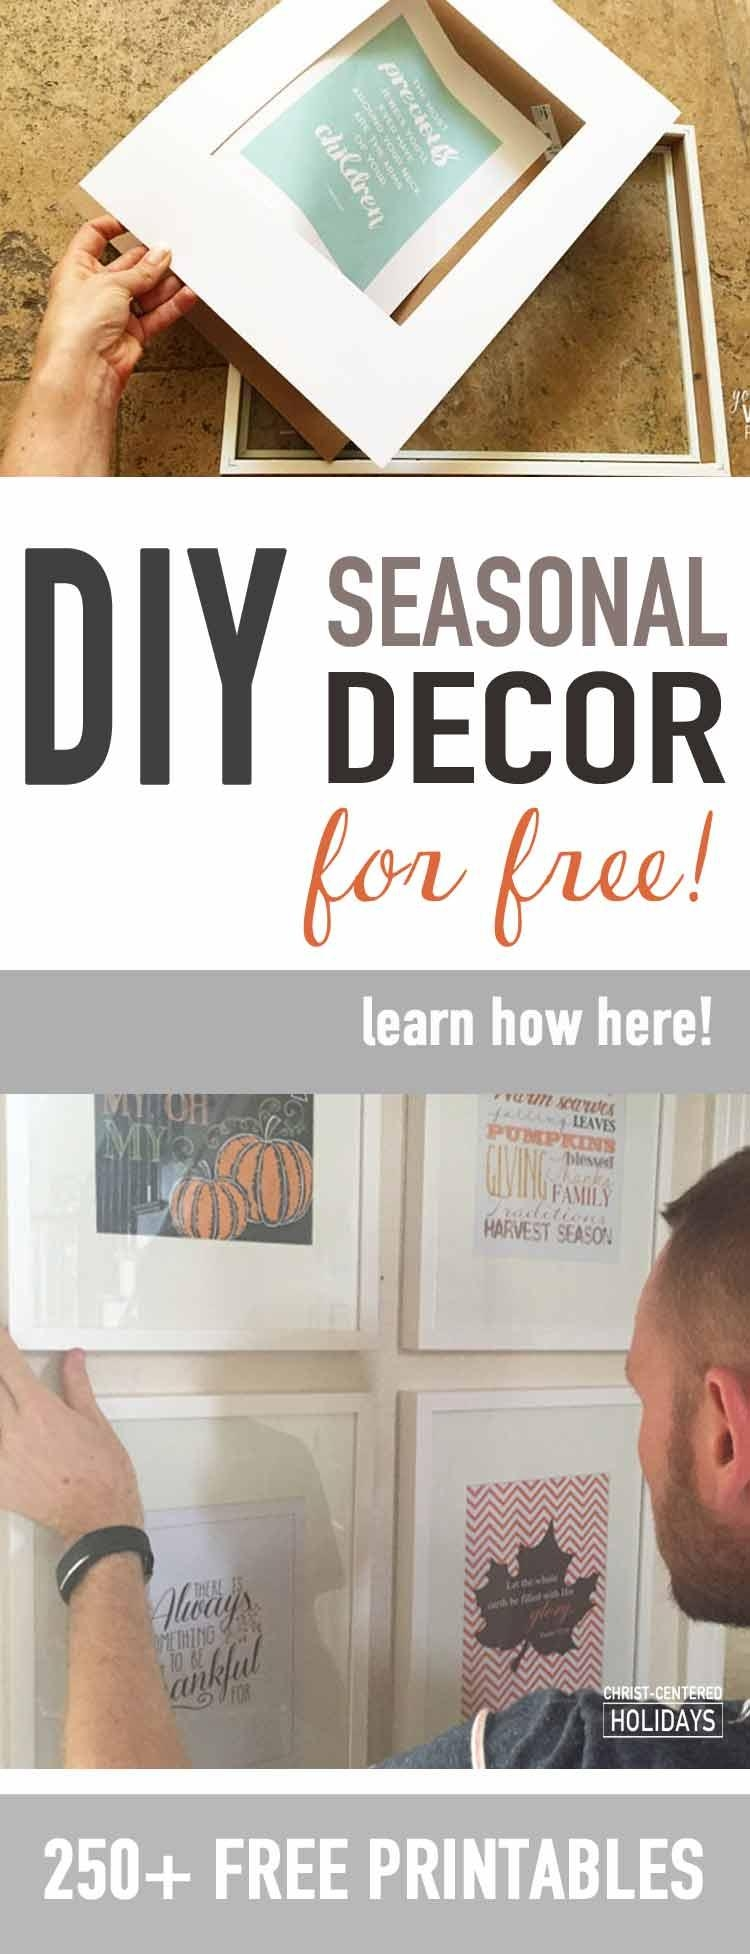 30 Free Christmas Wall Art Printables (Seasonal Home Decor intended for Seasonal Wall Art